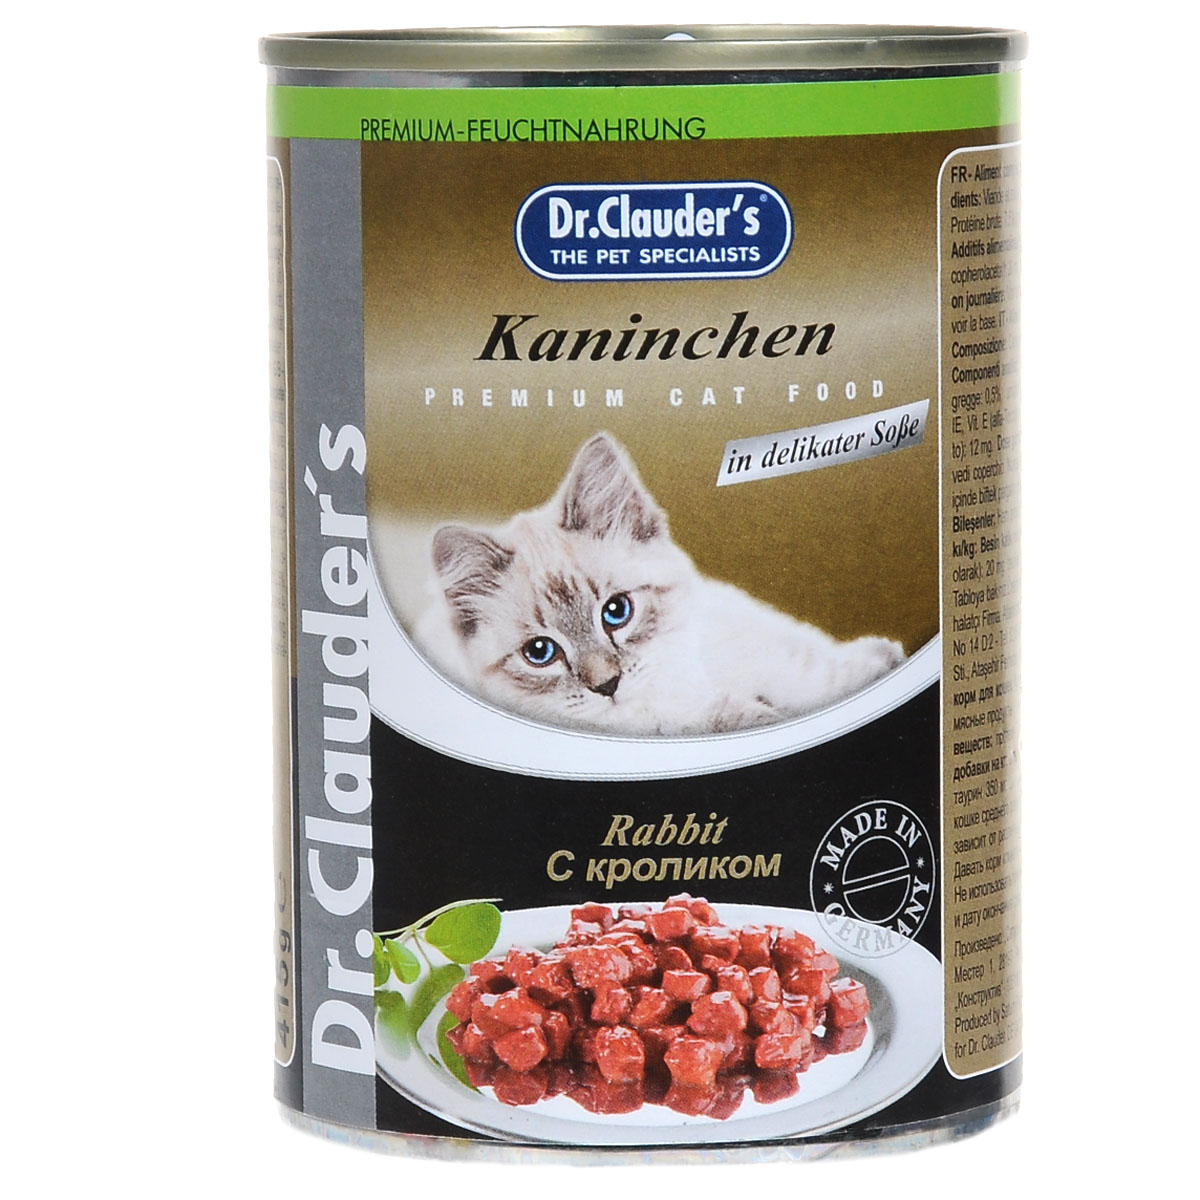 Консервы для кошек Dr. Clauders, кролик, 415 г0120710Полнорационное питание домашних питомцев - основная головная боль их владельцев. Каждый владелец кошки старается подобрать для своей питомицы сбалансированный и подходящий именно ей рацион. Одни меняют корма несколько раз. Консервы для кошек Dr. Clauders обладают отличными вкусовыми качествами. В этом корме есть все, в чем ваша любимица нуждается каждый день - витамины, макро- и микроэлементы, биологически активные вещества. Прекрасный аппетит во время еды и сытое урчание после гарантировано. Шелковистая блестящая шерсть, хорошее настроение, физическая активность и отменное здоровье - таким будет результат вашей заботы и правильно отношения к питанию кошки. Состав: мясо и мясные продукты (мин. 4% кролика), злаки, минералы, сахар. Питательные вещества: протеин 7,5%, жир 4,5%, зола 2,5%, клетчатка 0,5%, влажность 81%.Пищевые добавки: витамин А 2000МЕ, витамин D3 200МЕ, витамин Е 20 мг, таурин 350 мг, цинк 12 мг.Товар сертифицирован.